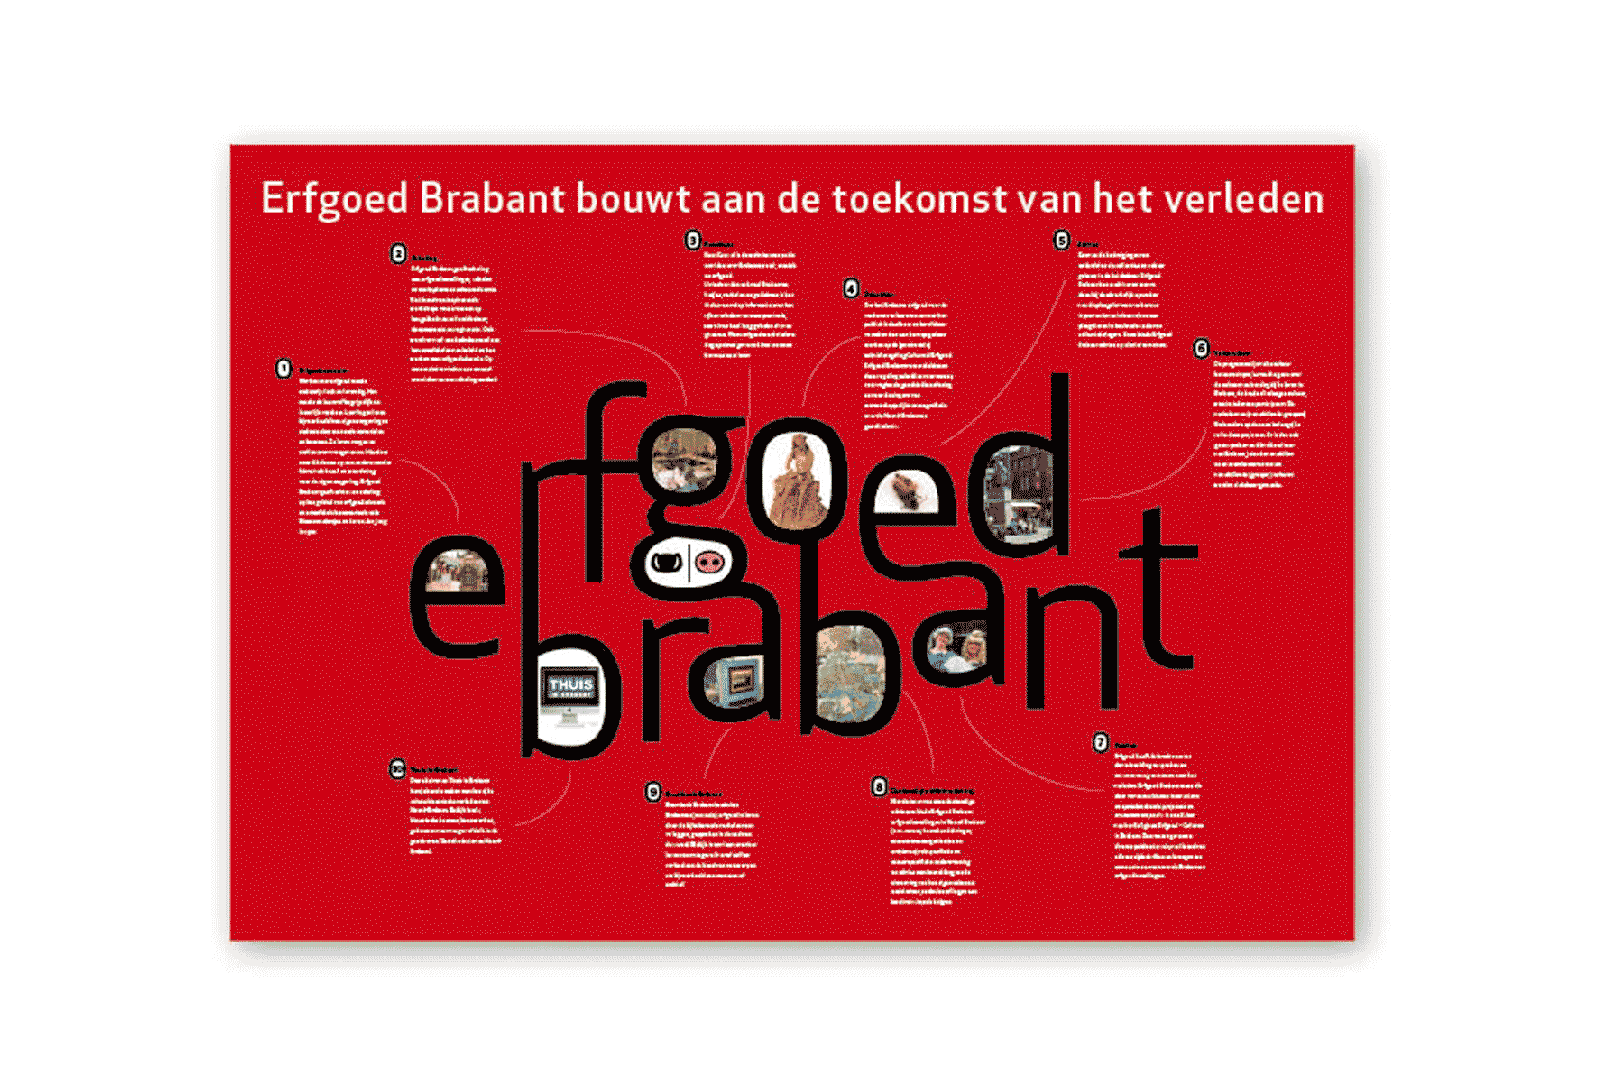 Erfgoed Brabant werkt aan heden, verleden en toekomst